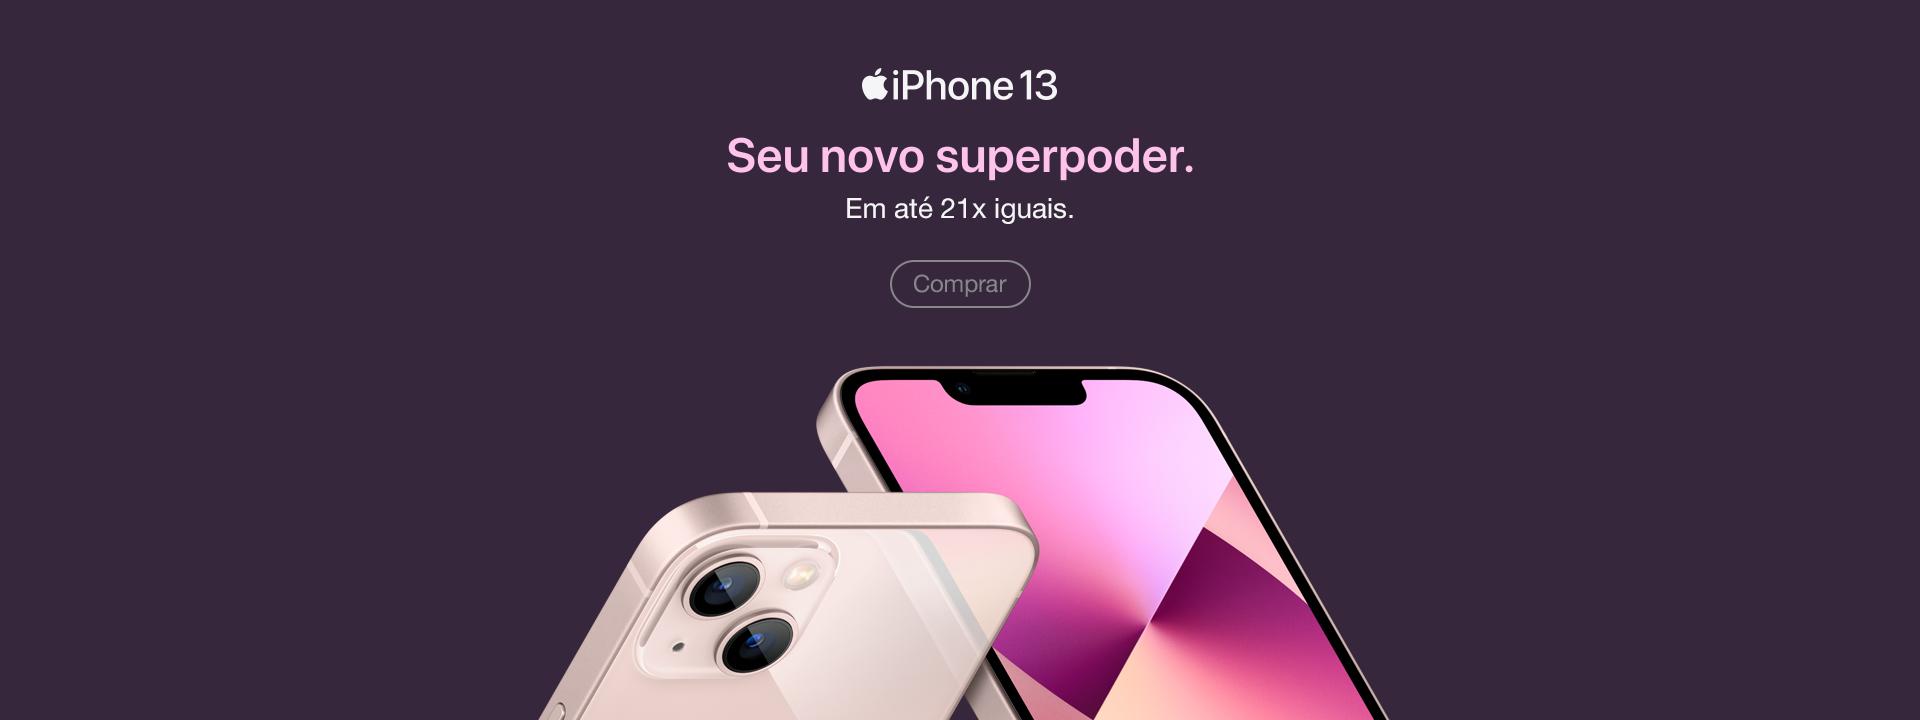 Iphone 13 lançamento